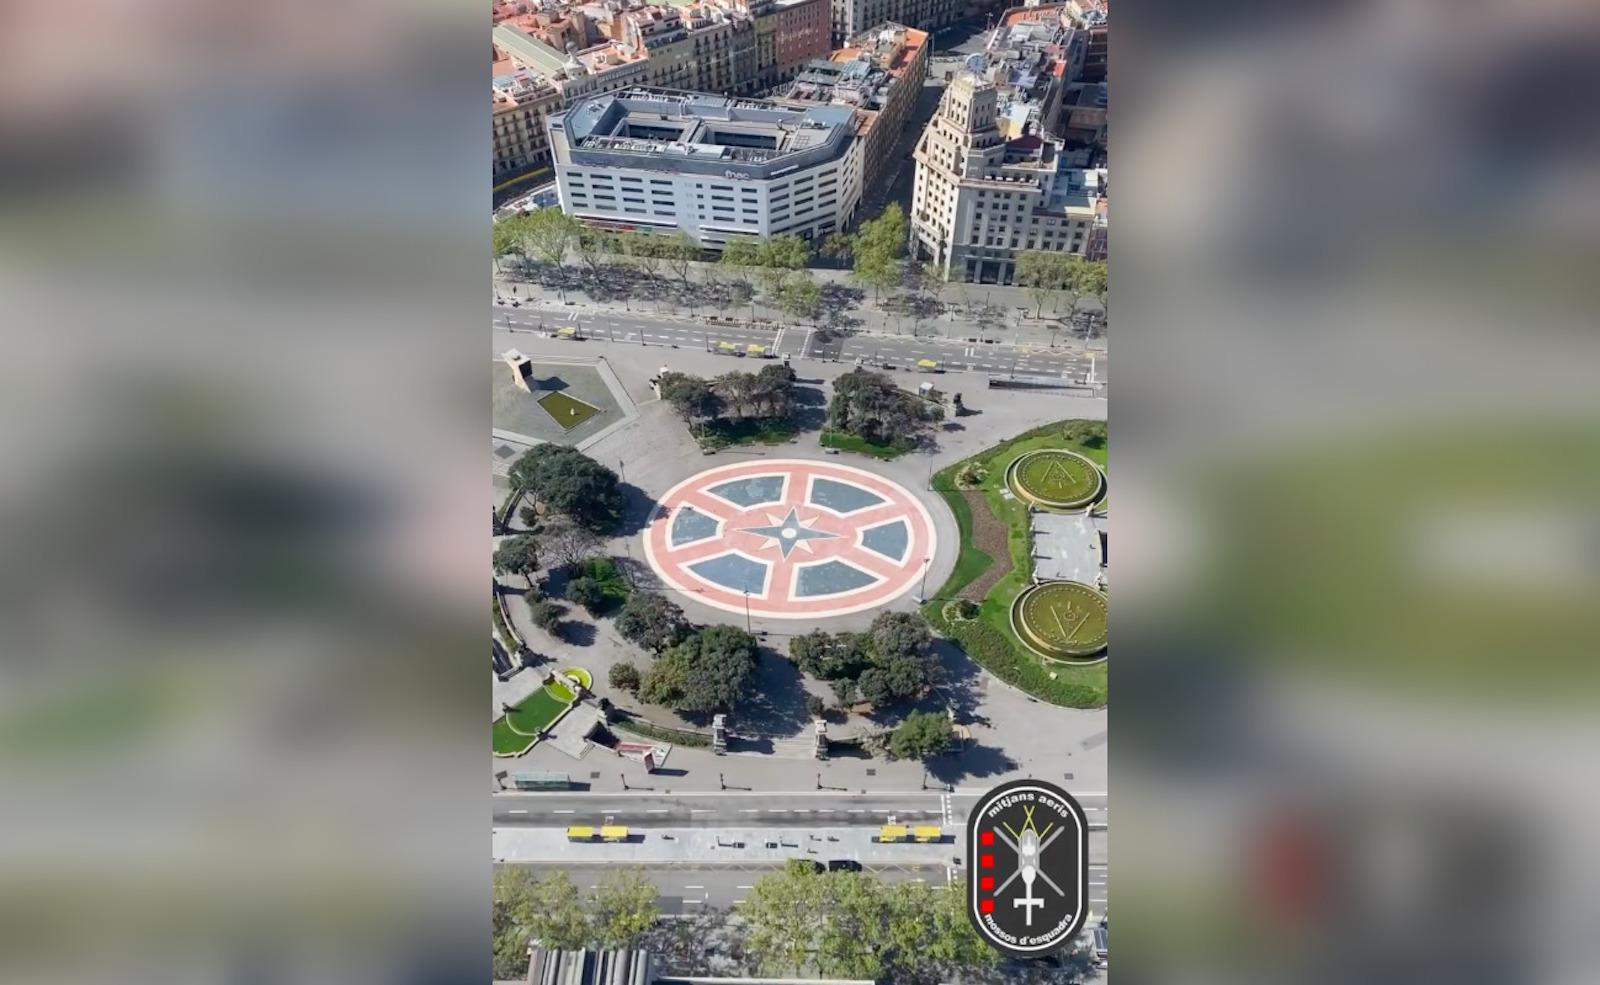 La Plaça Catalunya des de l'aire, completament buida | Mossos